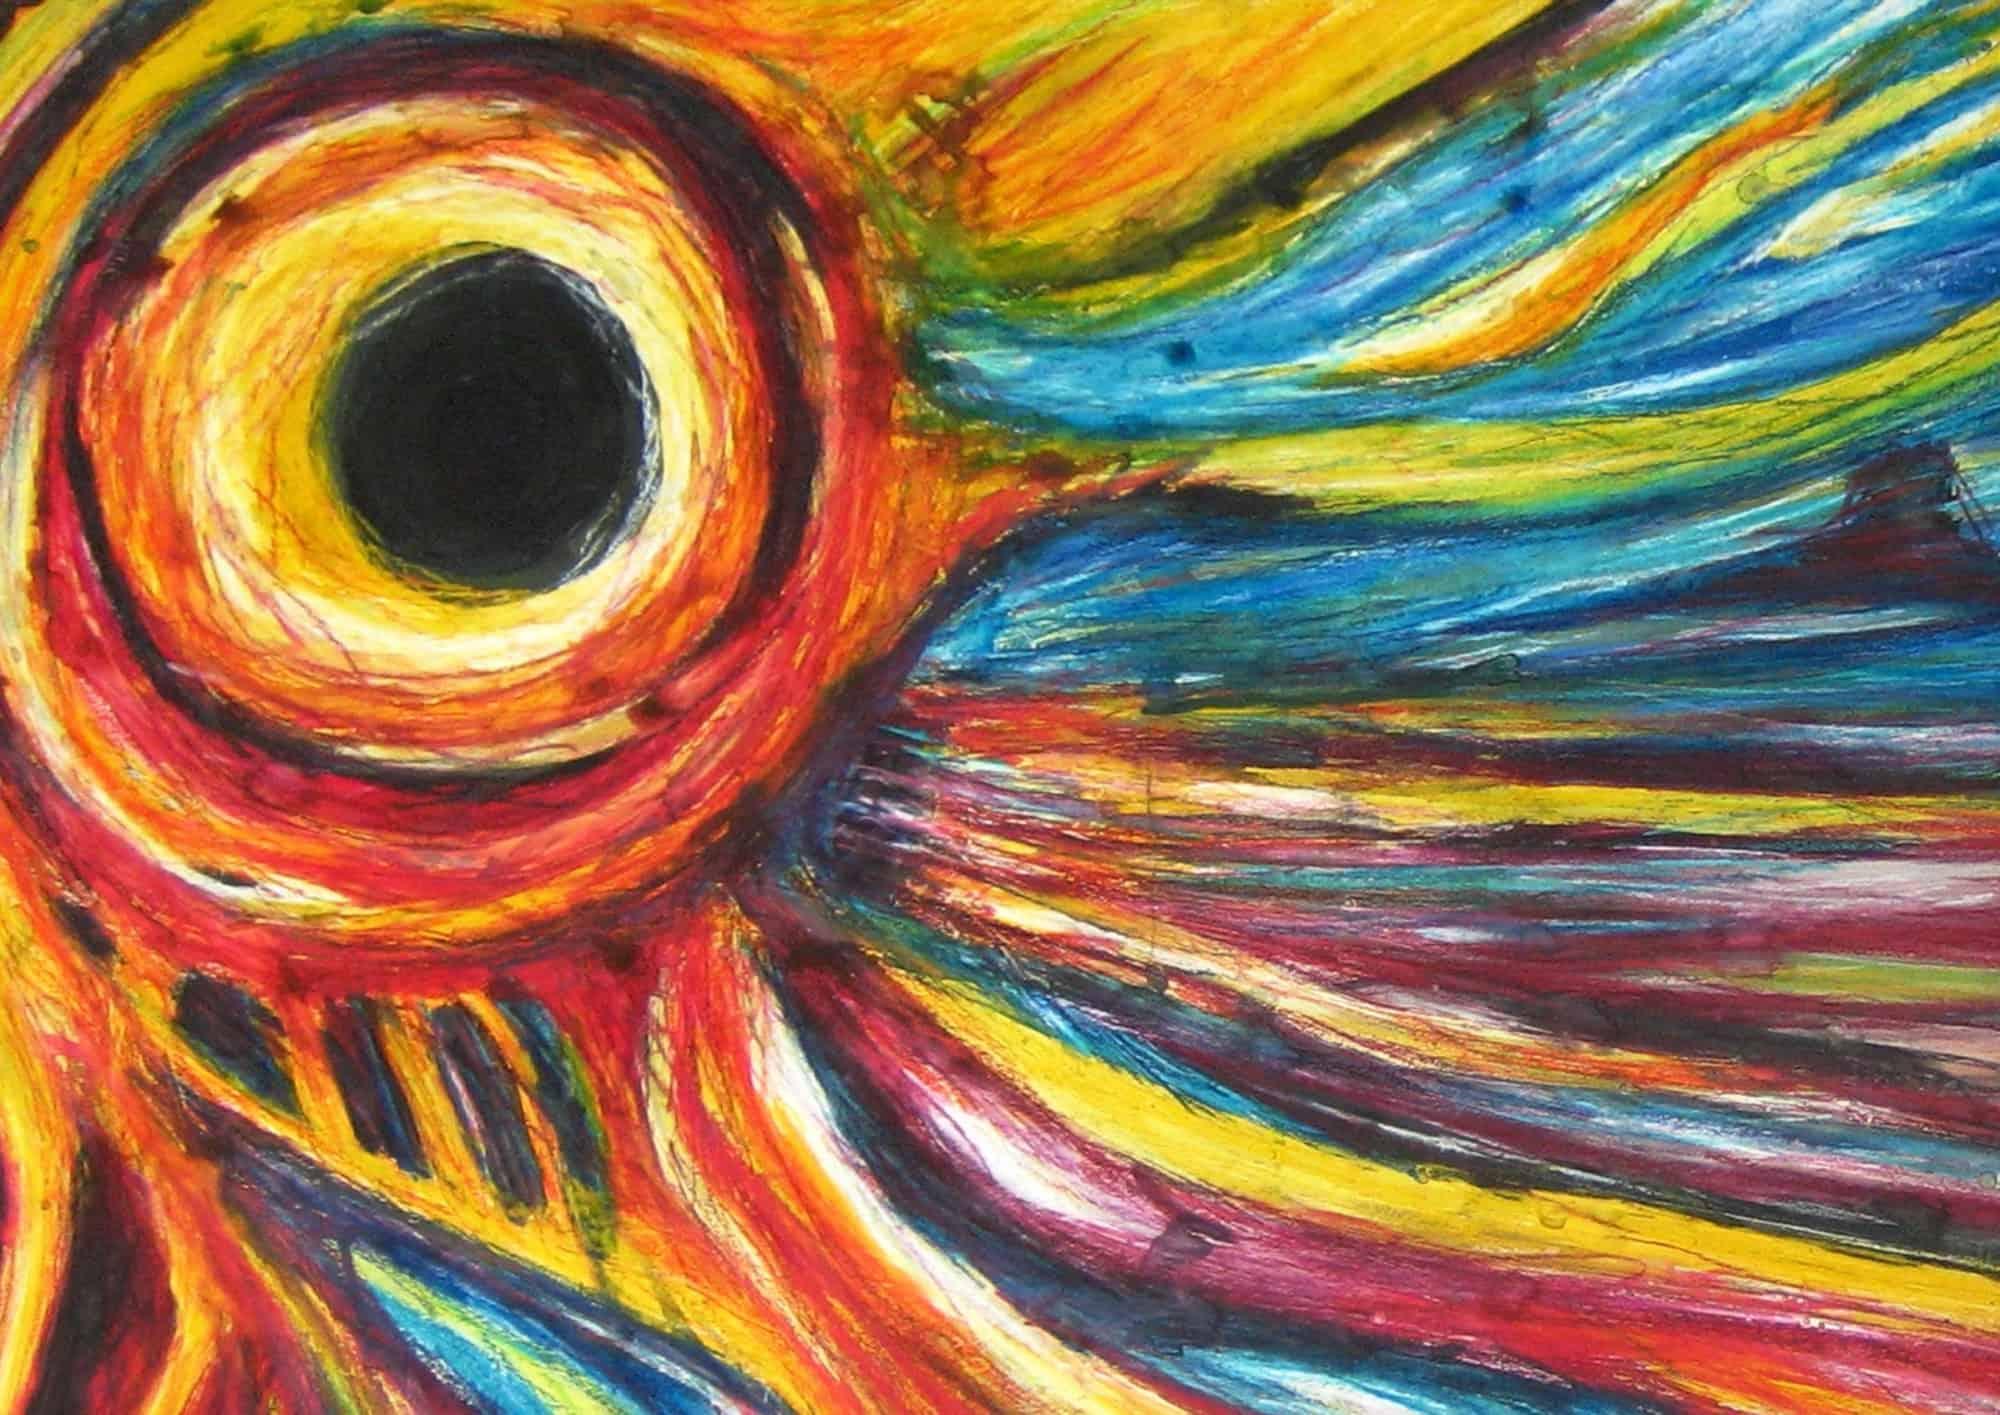 Acryl Gemälde abstrakter Himmel mit Sonnenfinsternis